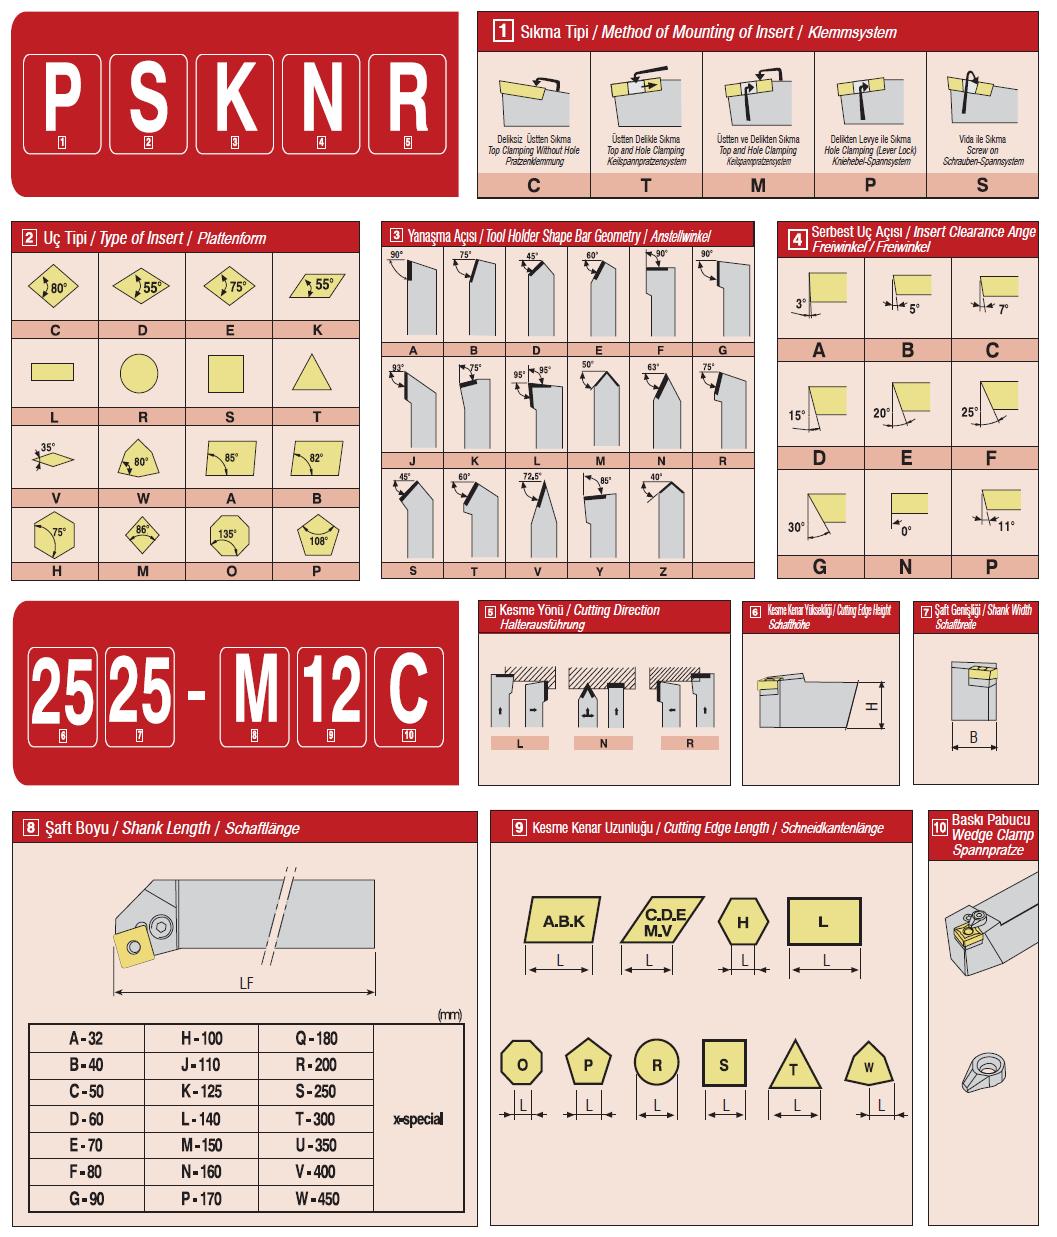 Drehhalter PCBNR / PCBNL